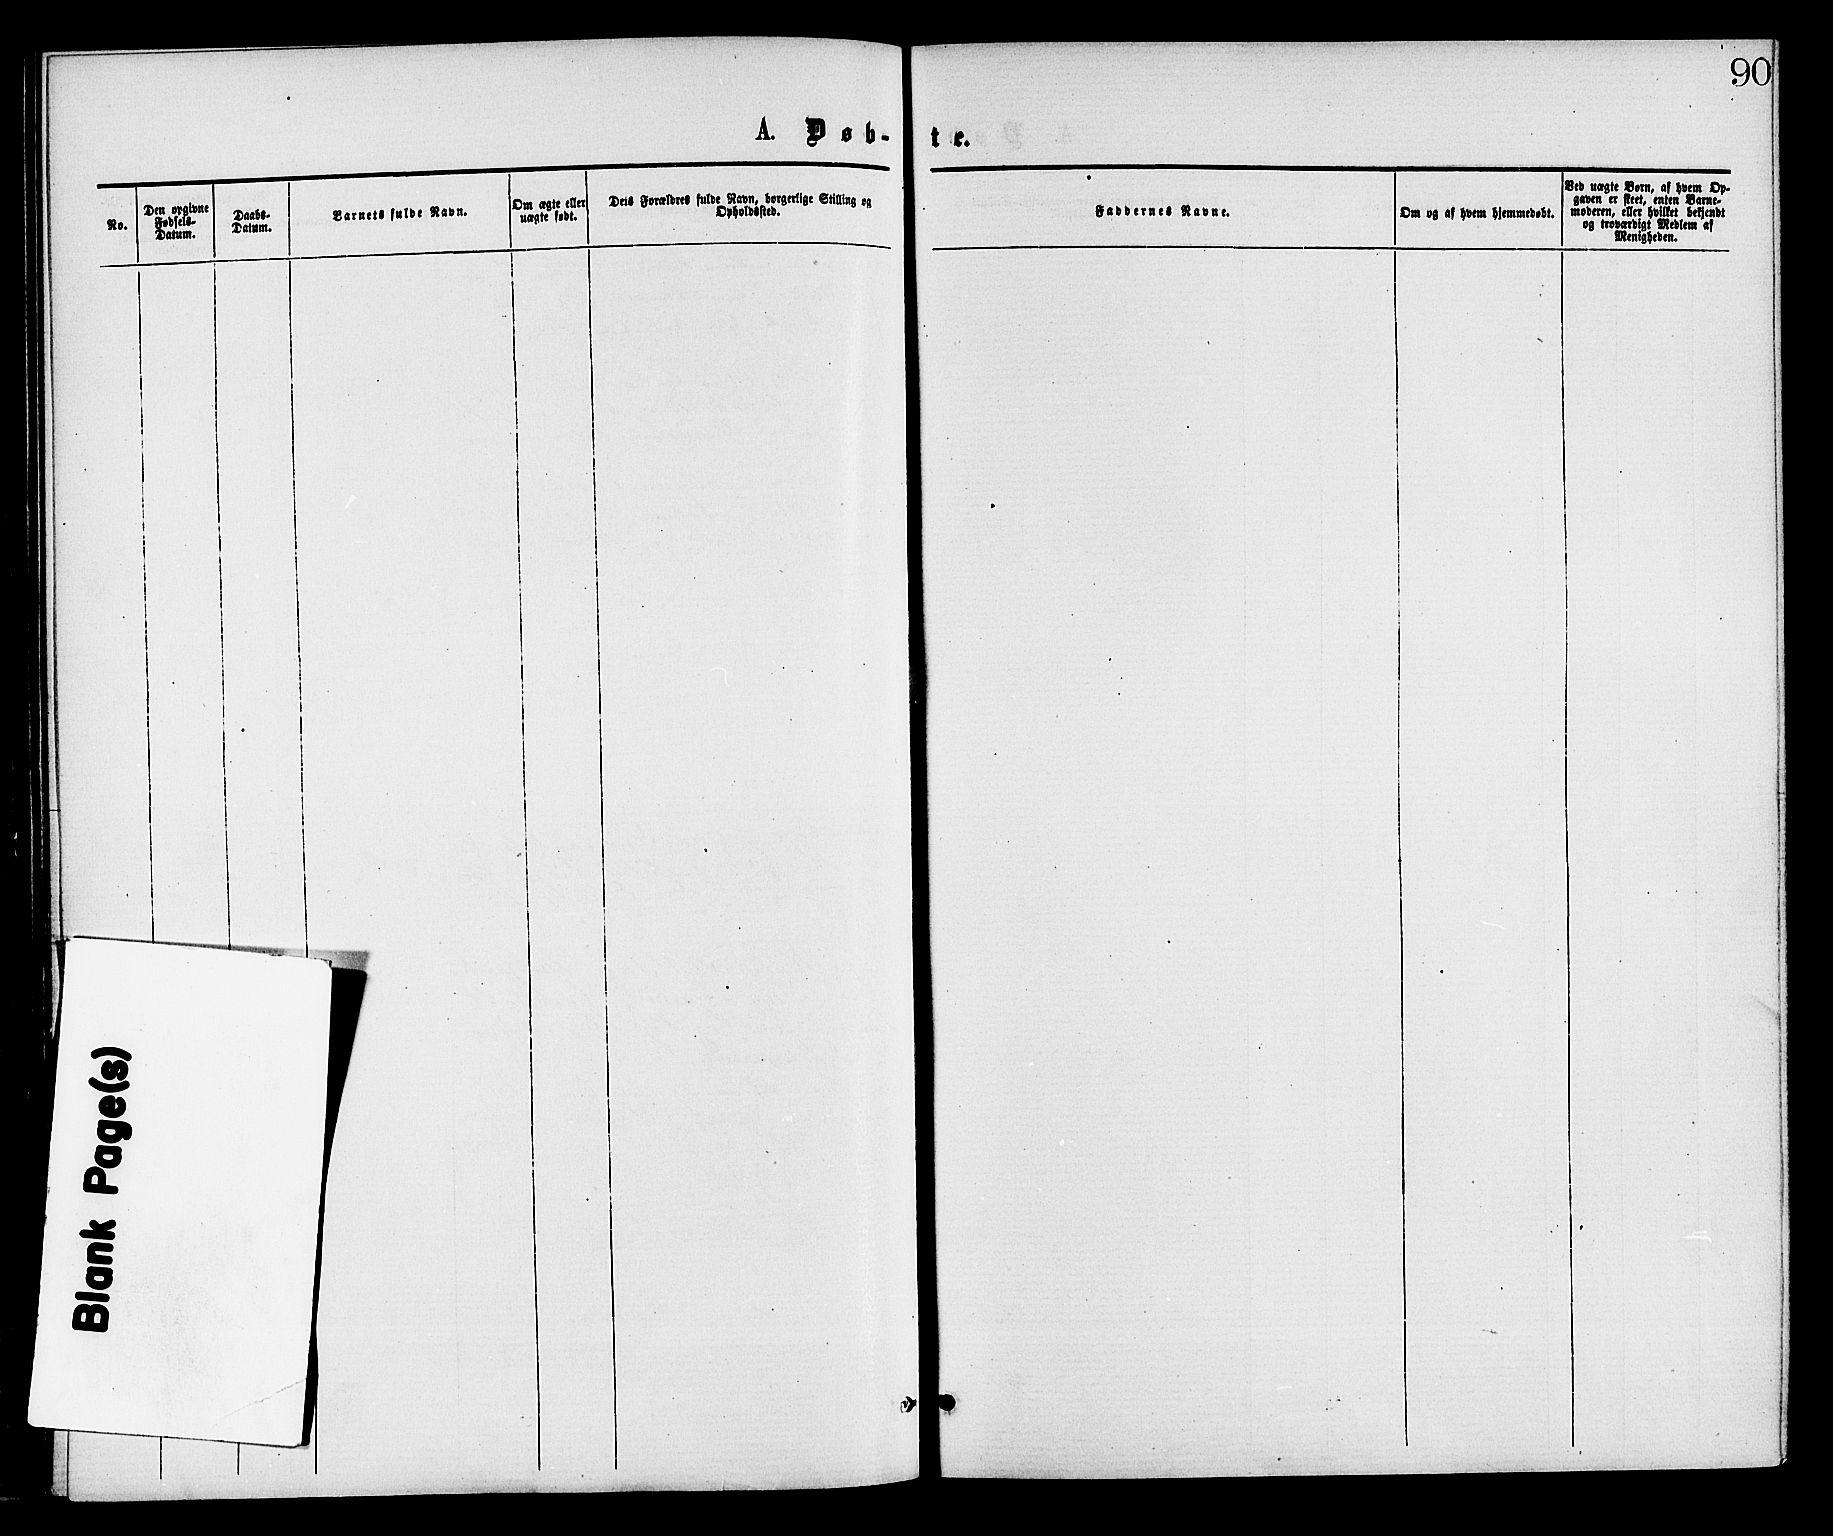 SAKO, Gransherad kirkebøker, F/Fa/L0004: Ministerialbok nr. I 4, 1871-1886, s. 90